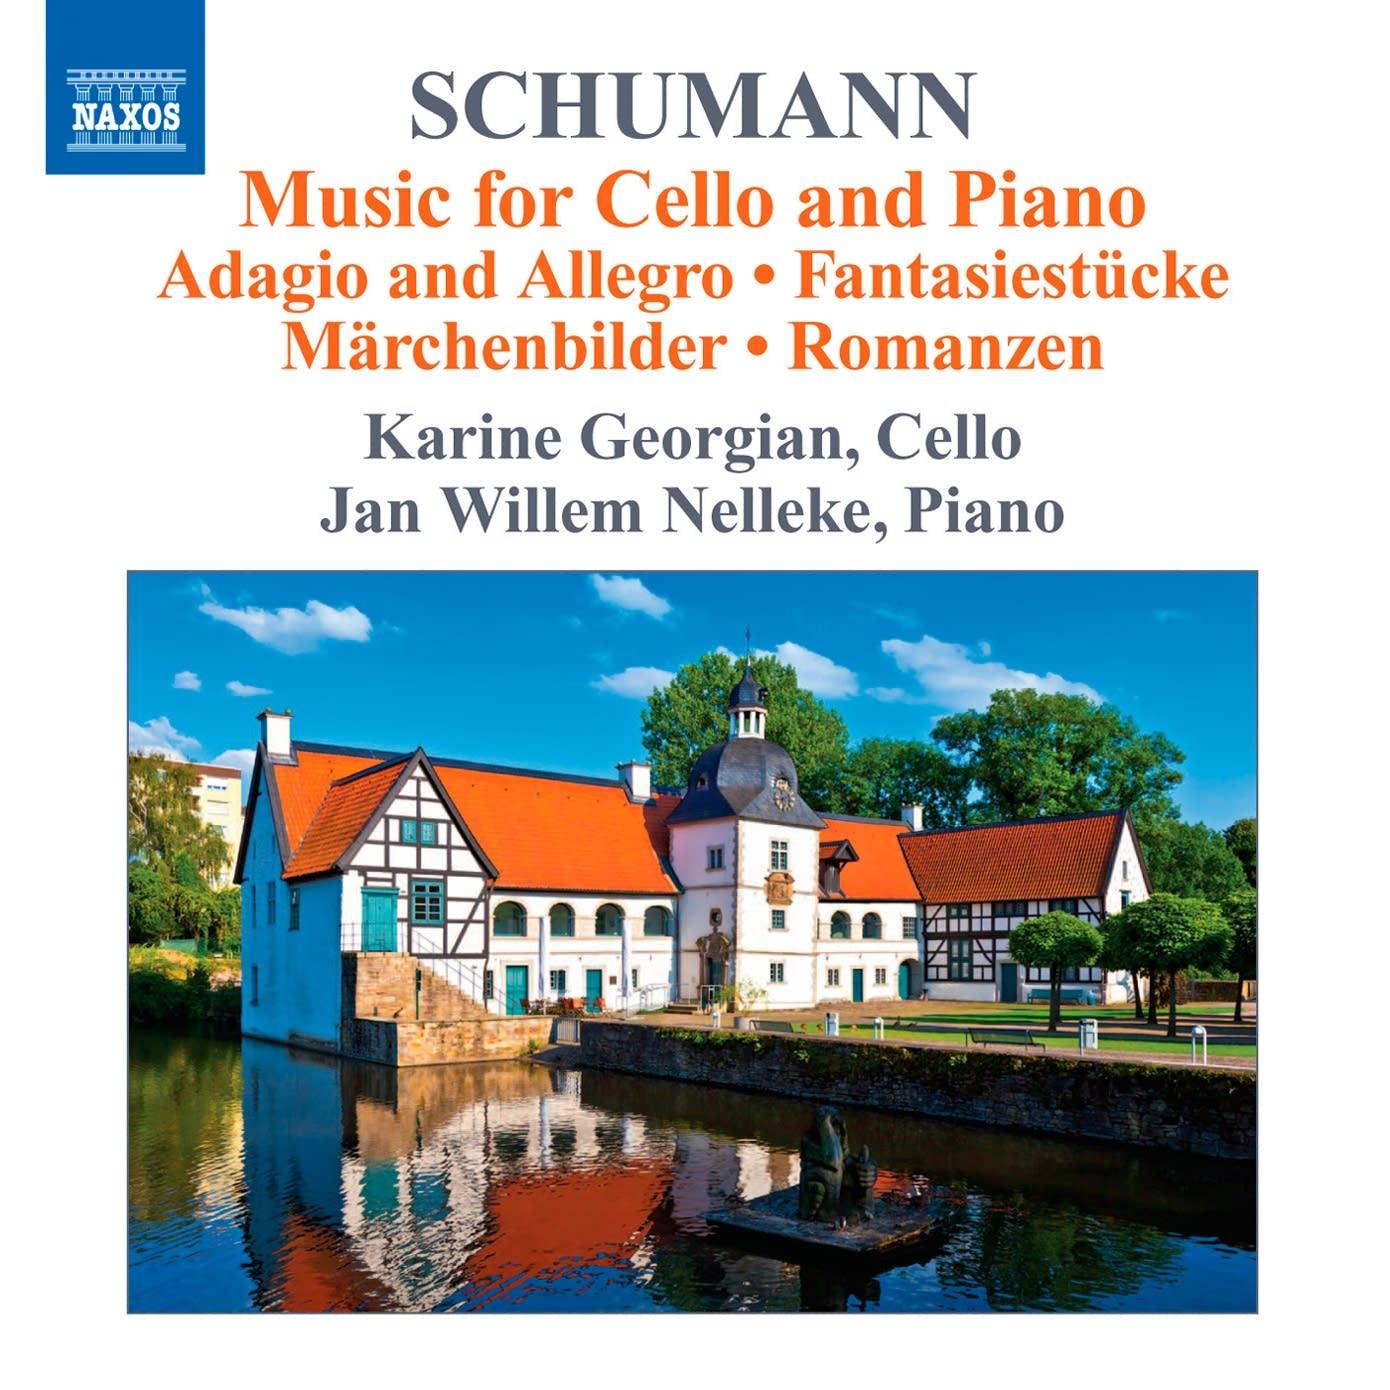 Robert Schumann - Adagio and Allegro